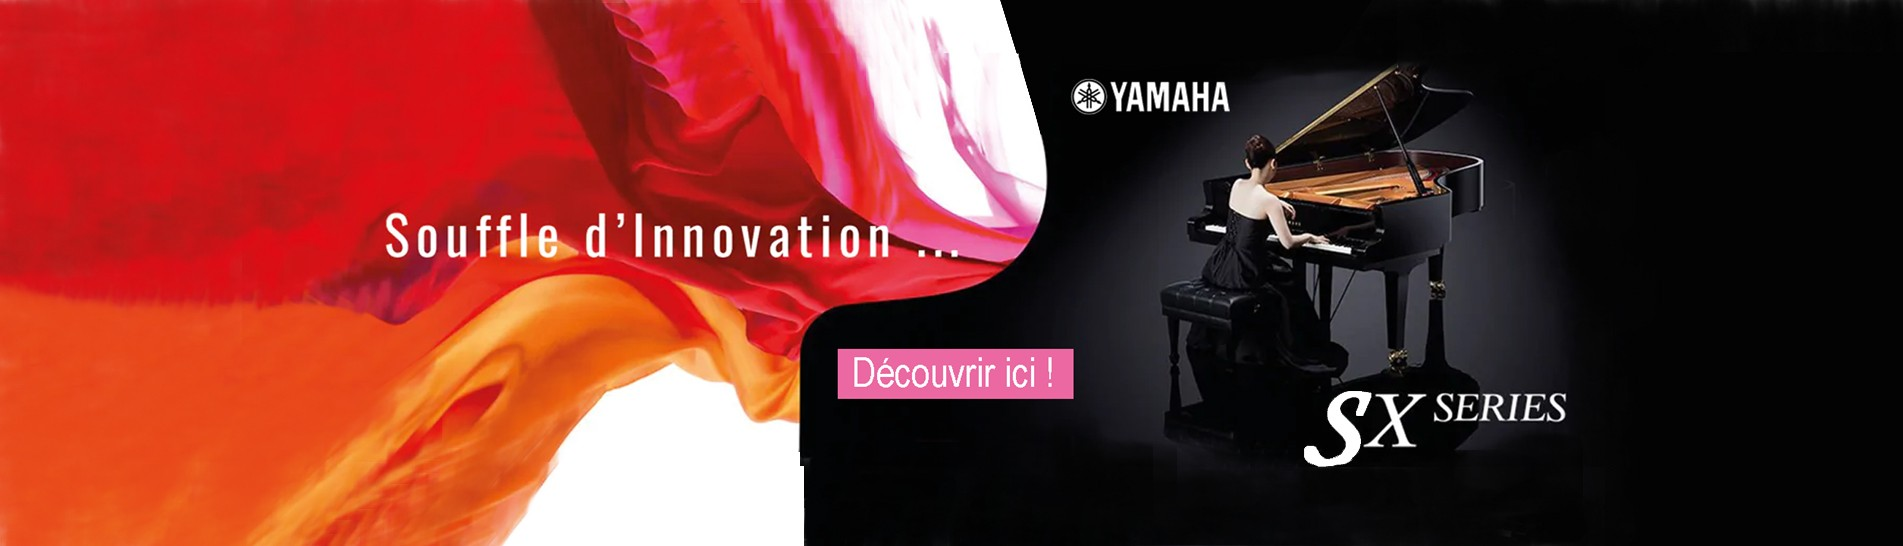 piano yamaha série sx premiums